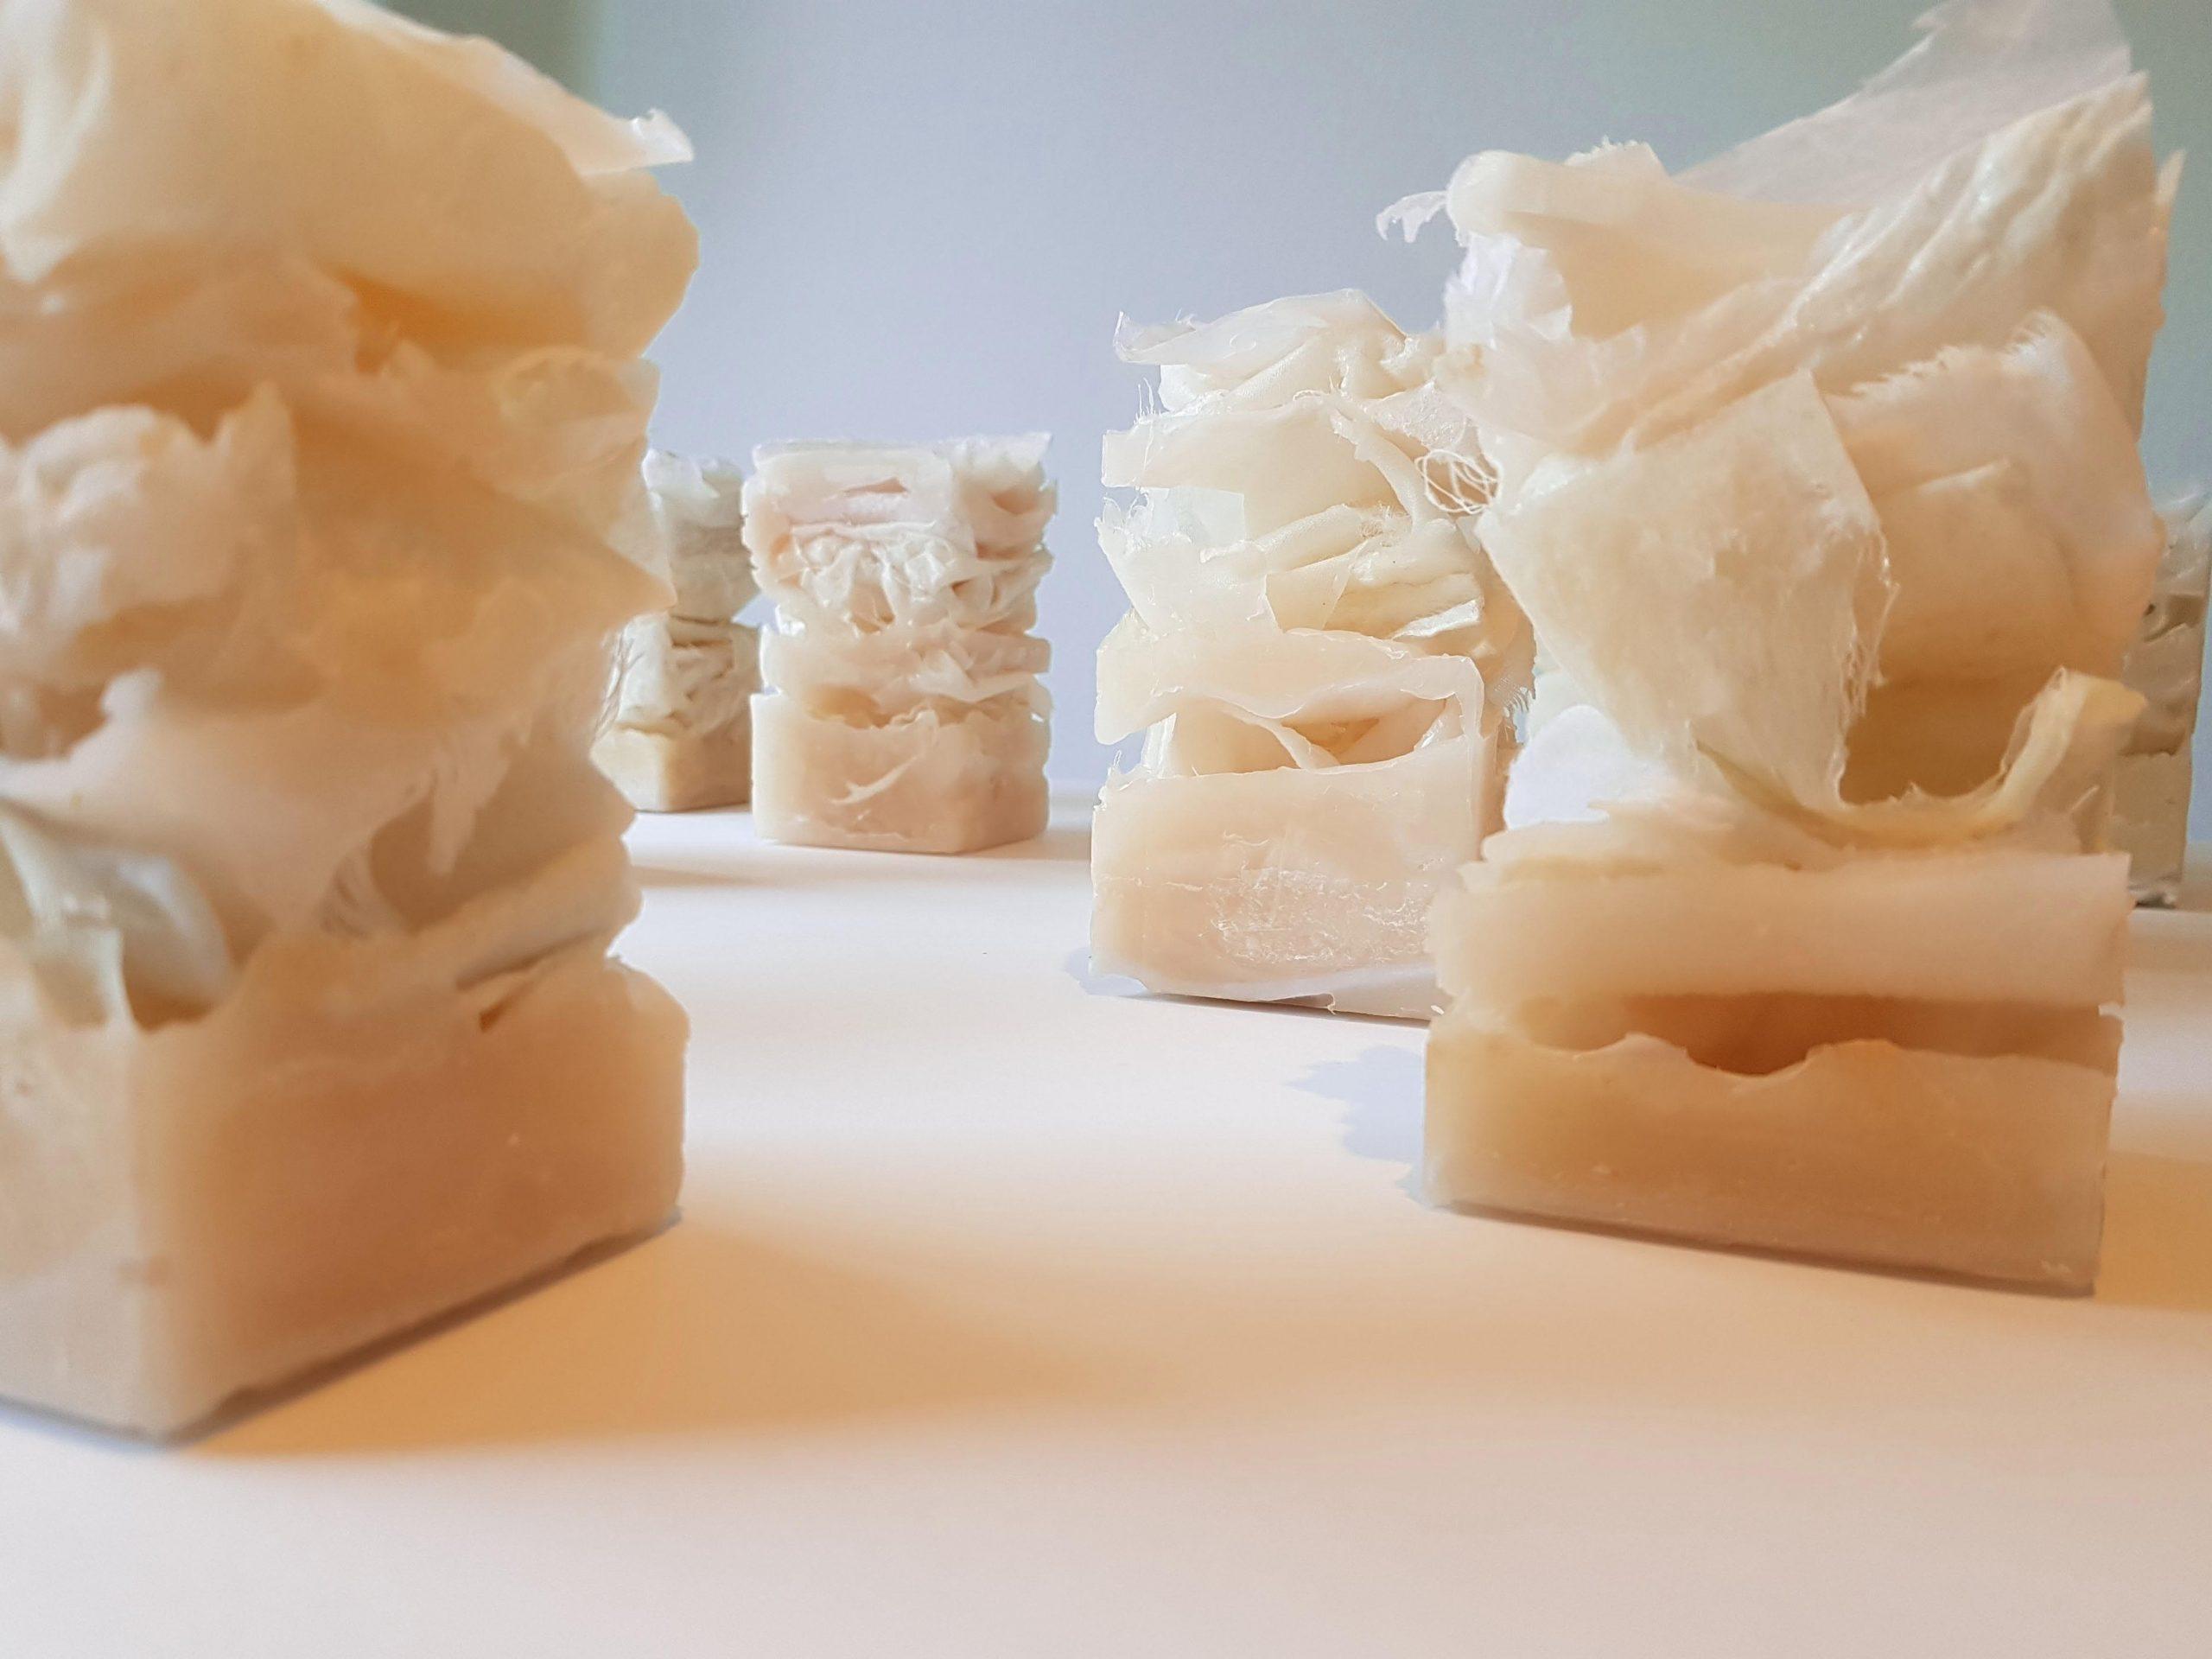 Vijf conceptuele werken van huid opgesteld, beeldende kunst gemaakt van was en papier over haptonomie, de huid en fragiel zijn door Jeanne de Bie.